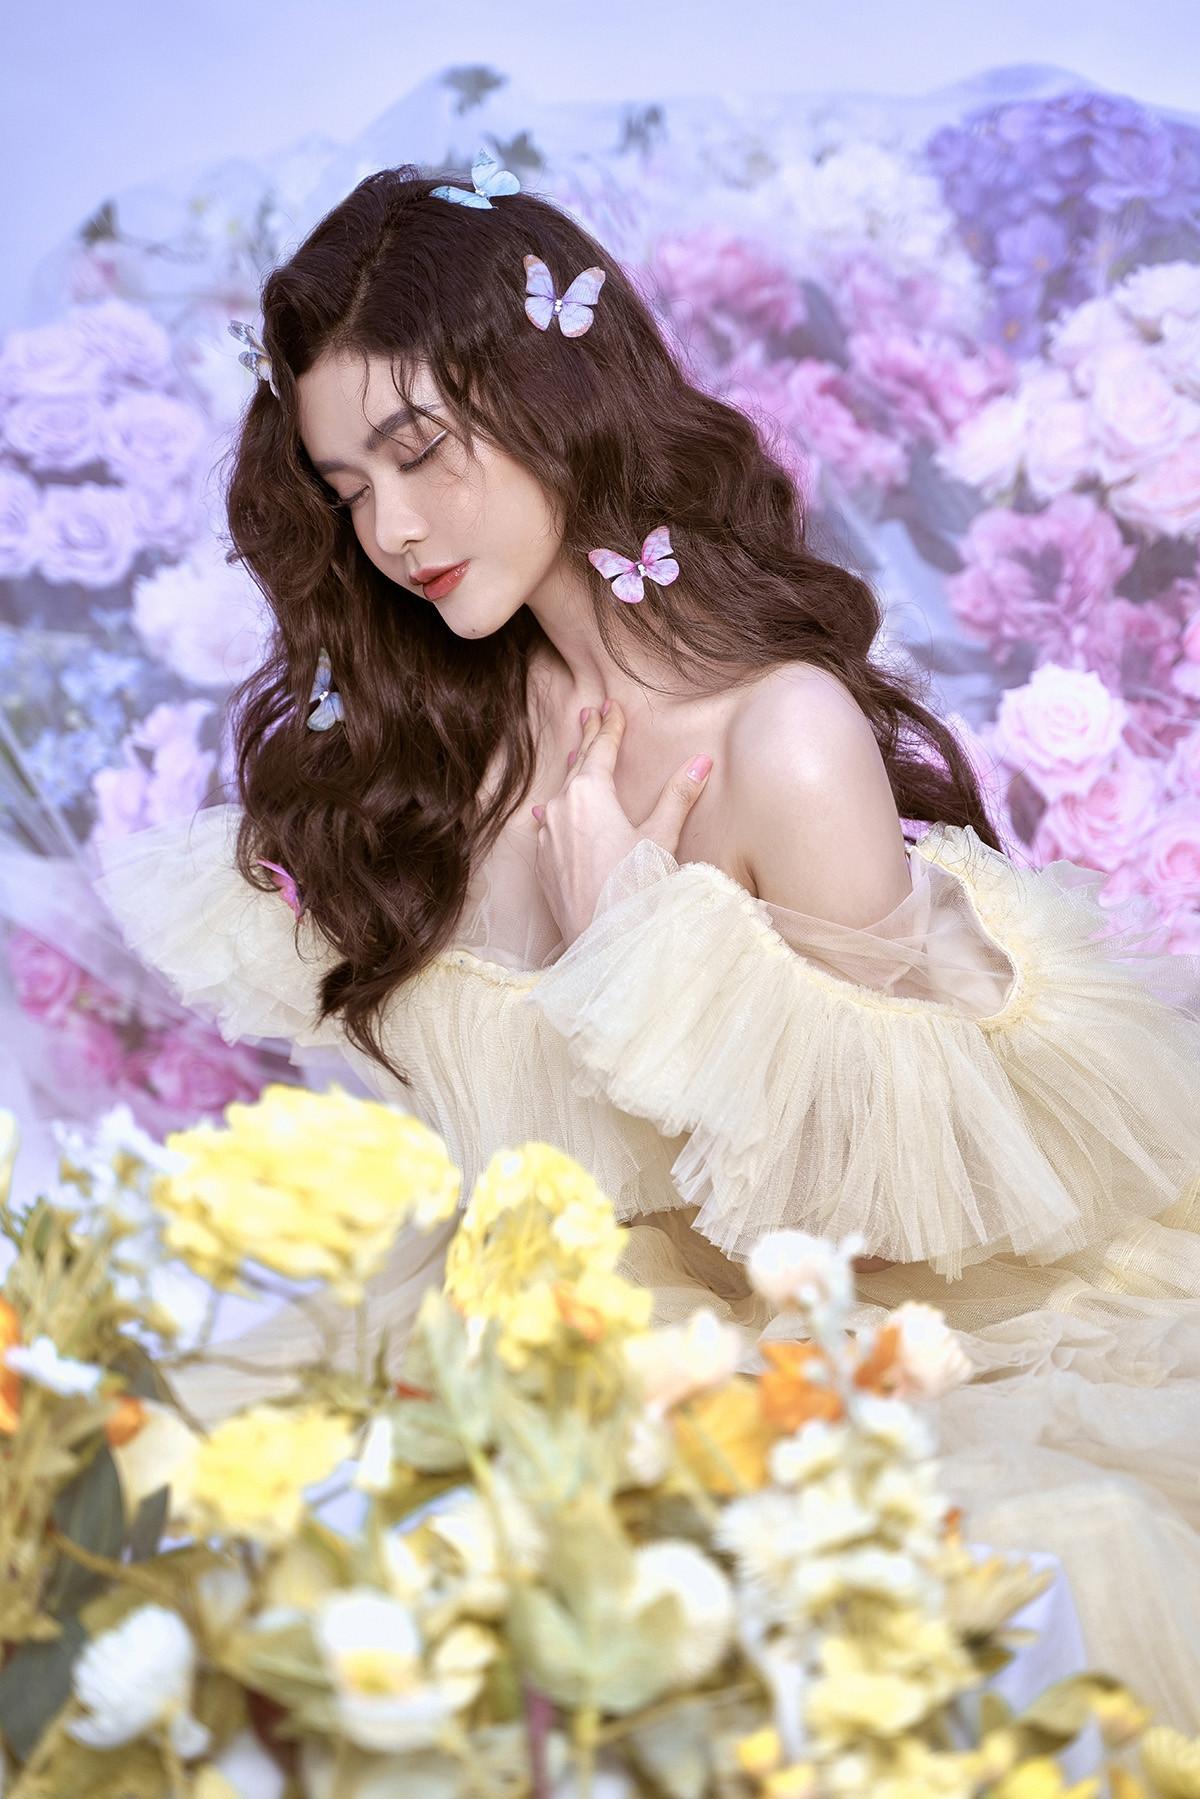 Trương Quỳnh Anh đẹp mong manh trong bộ ảnh mới-7